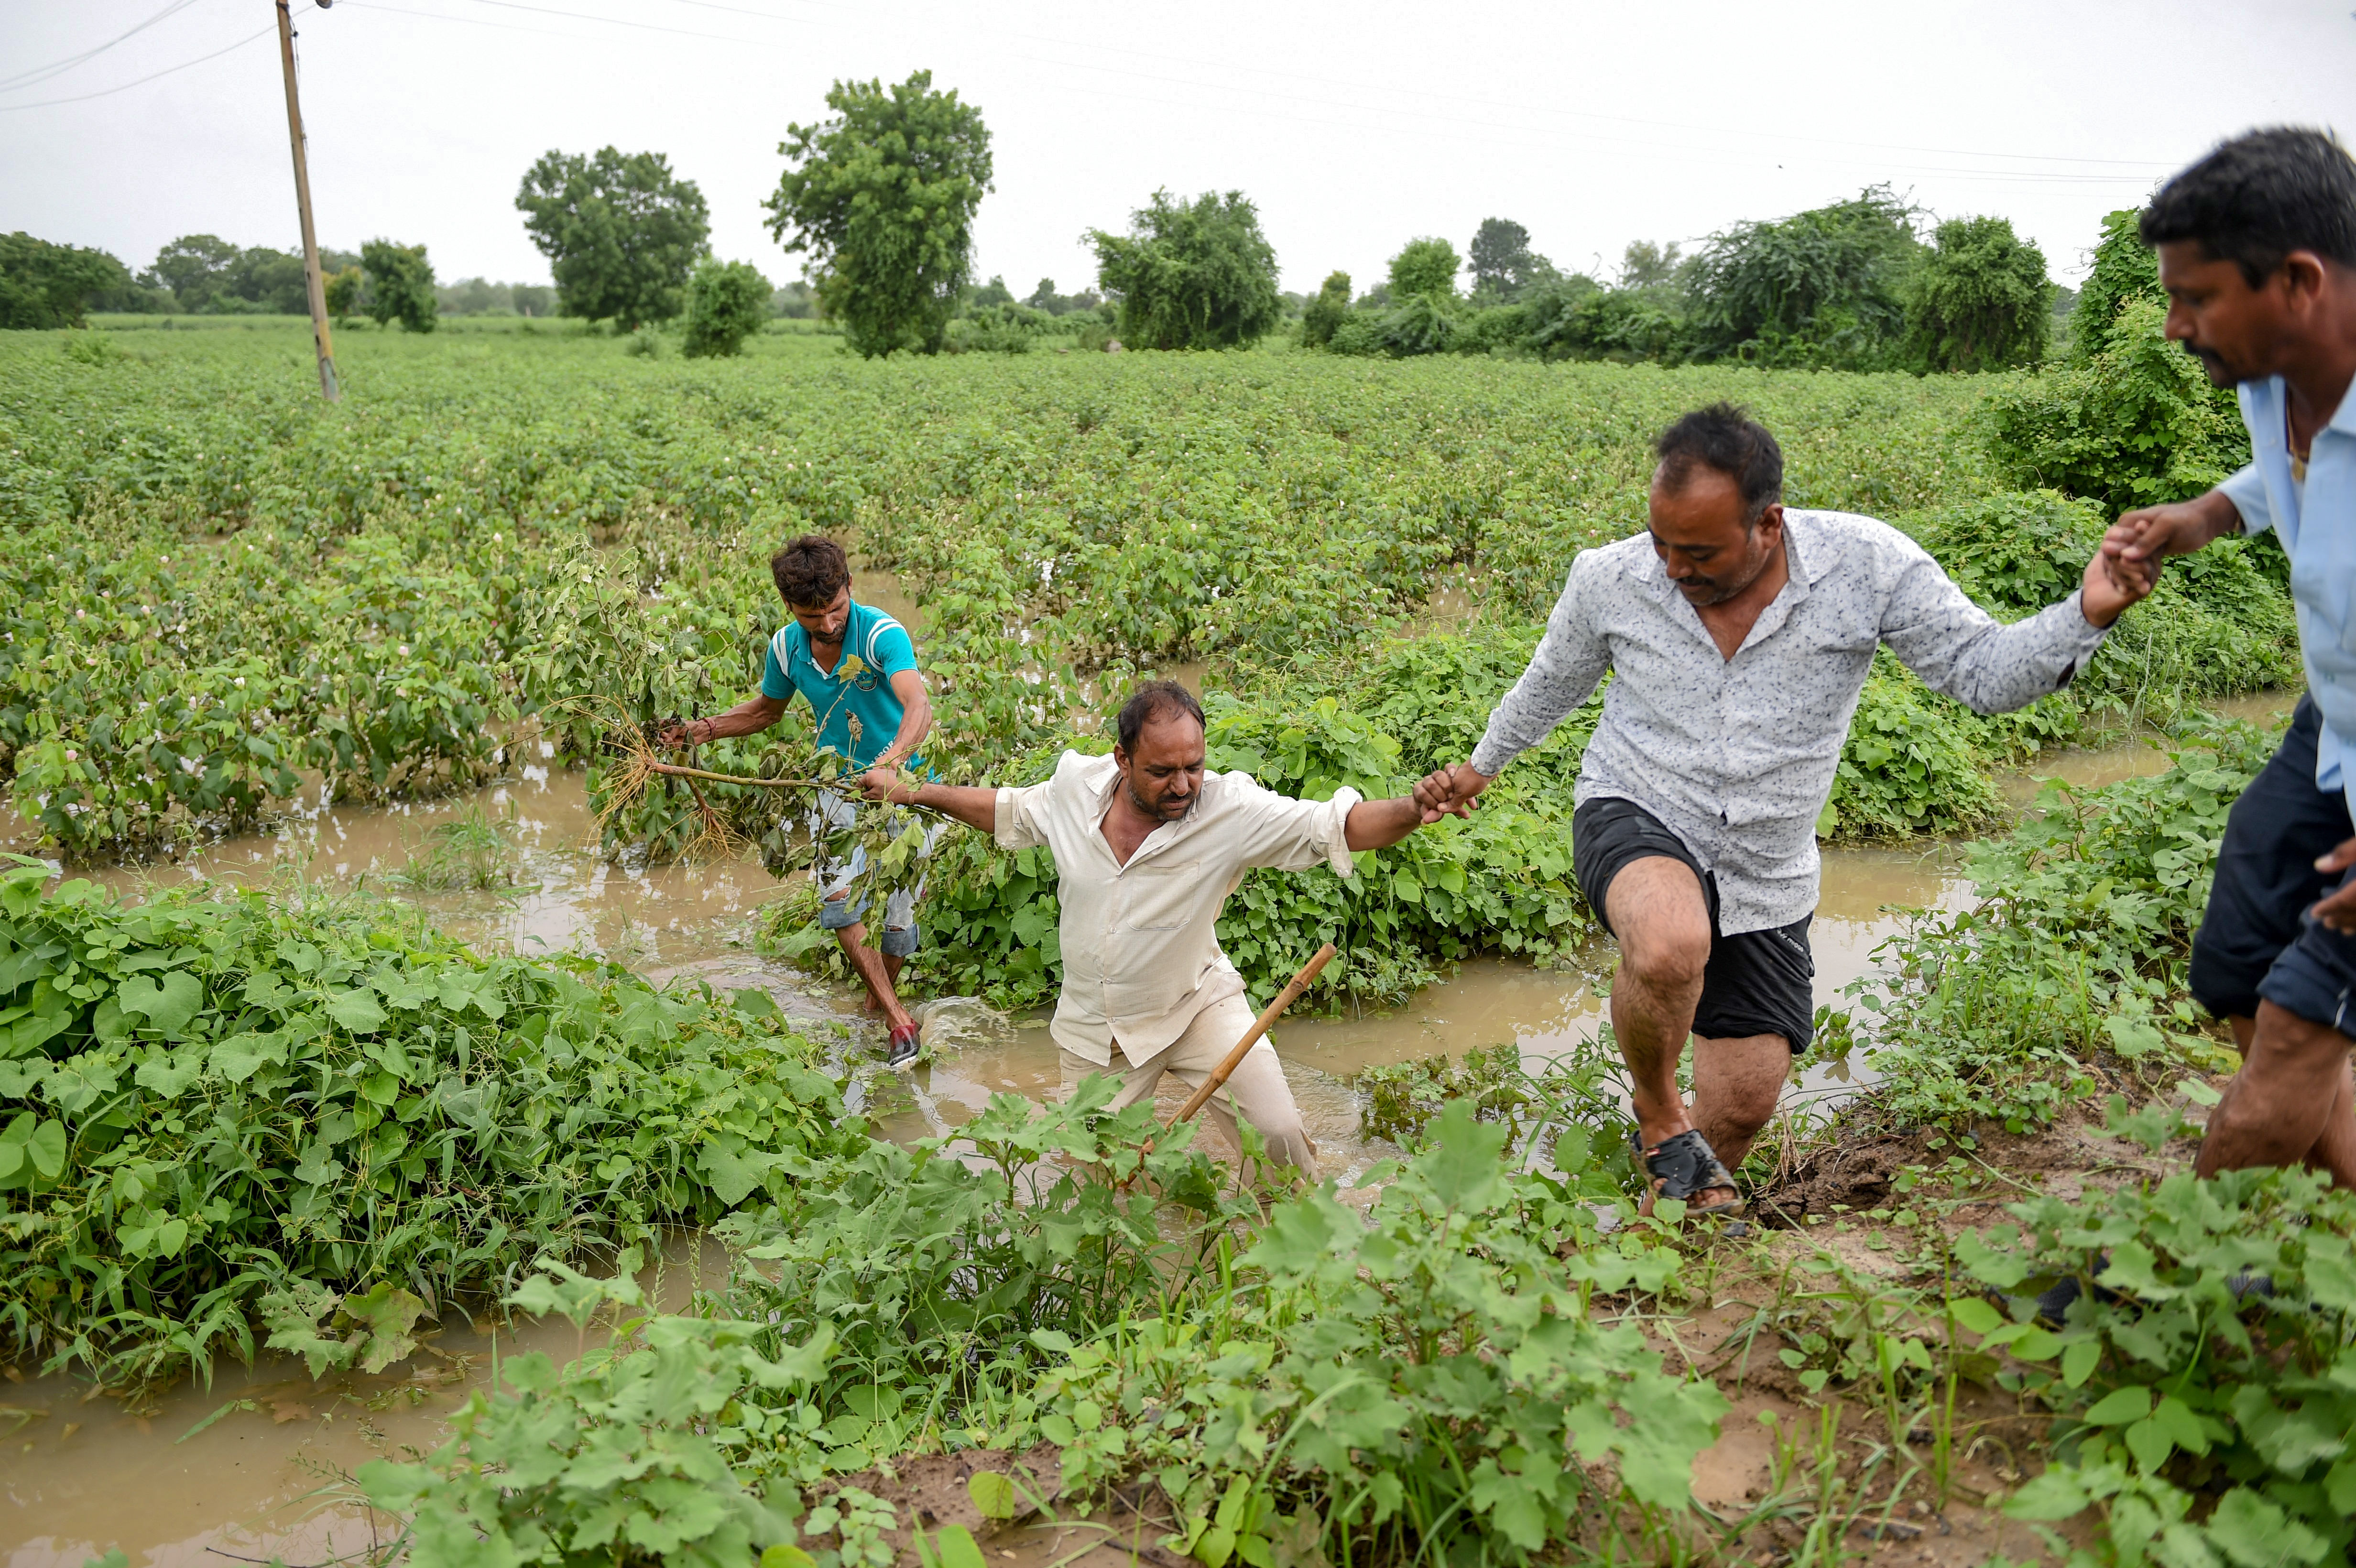 مواطنون يحاولون الابتعاد عن المناطق التي غمرتها مياه الأمطار والفيضانات